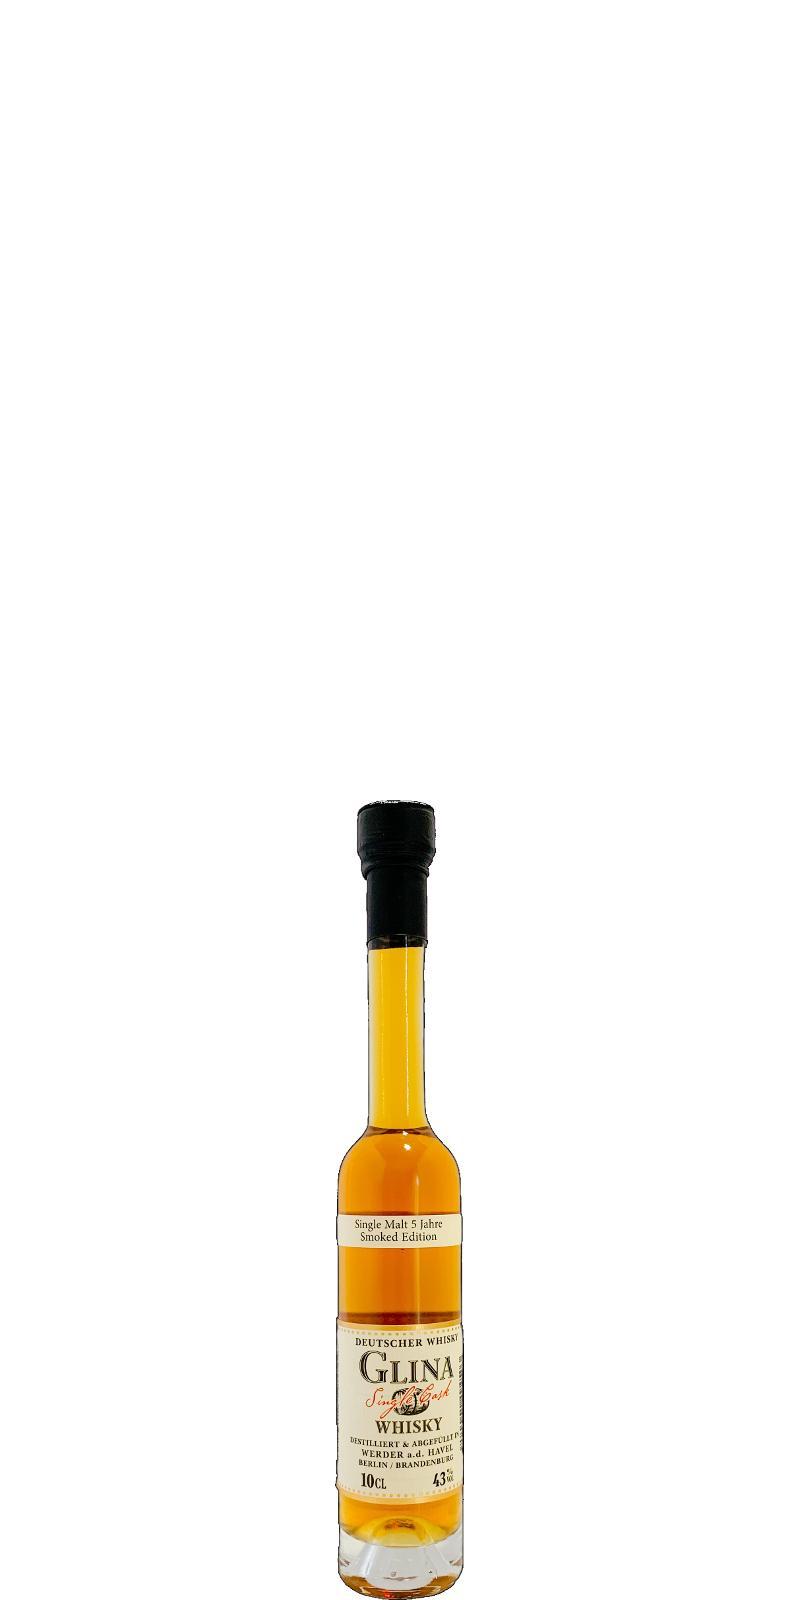 Glina Whisky 2014